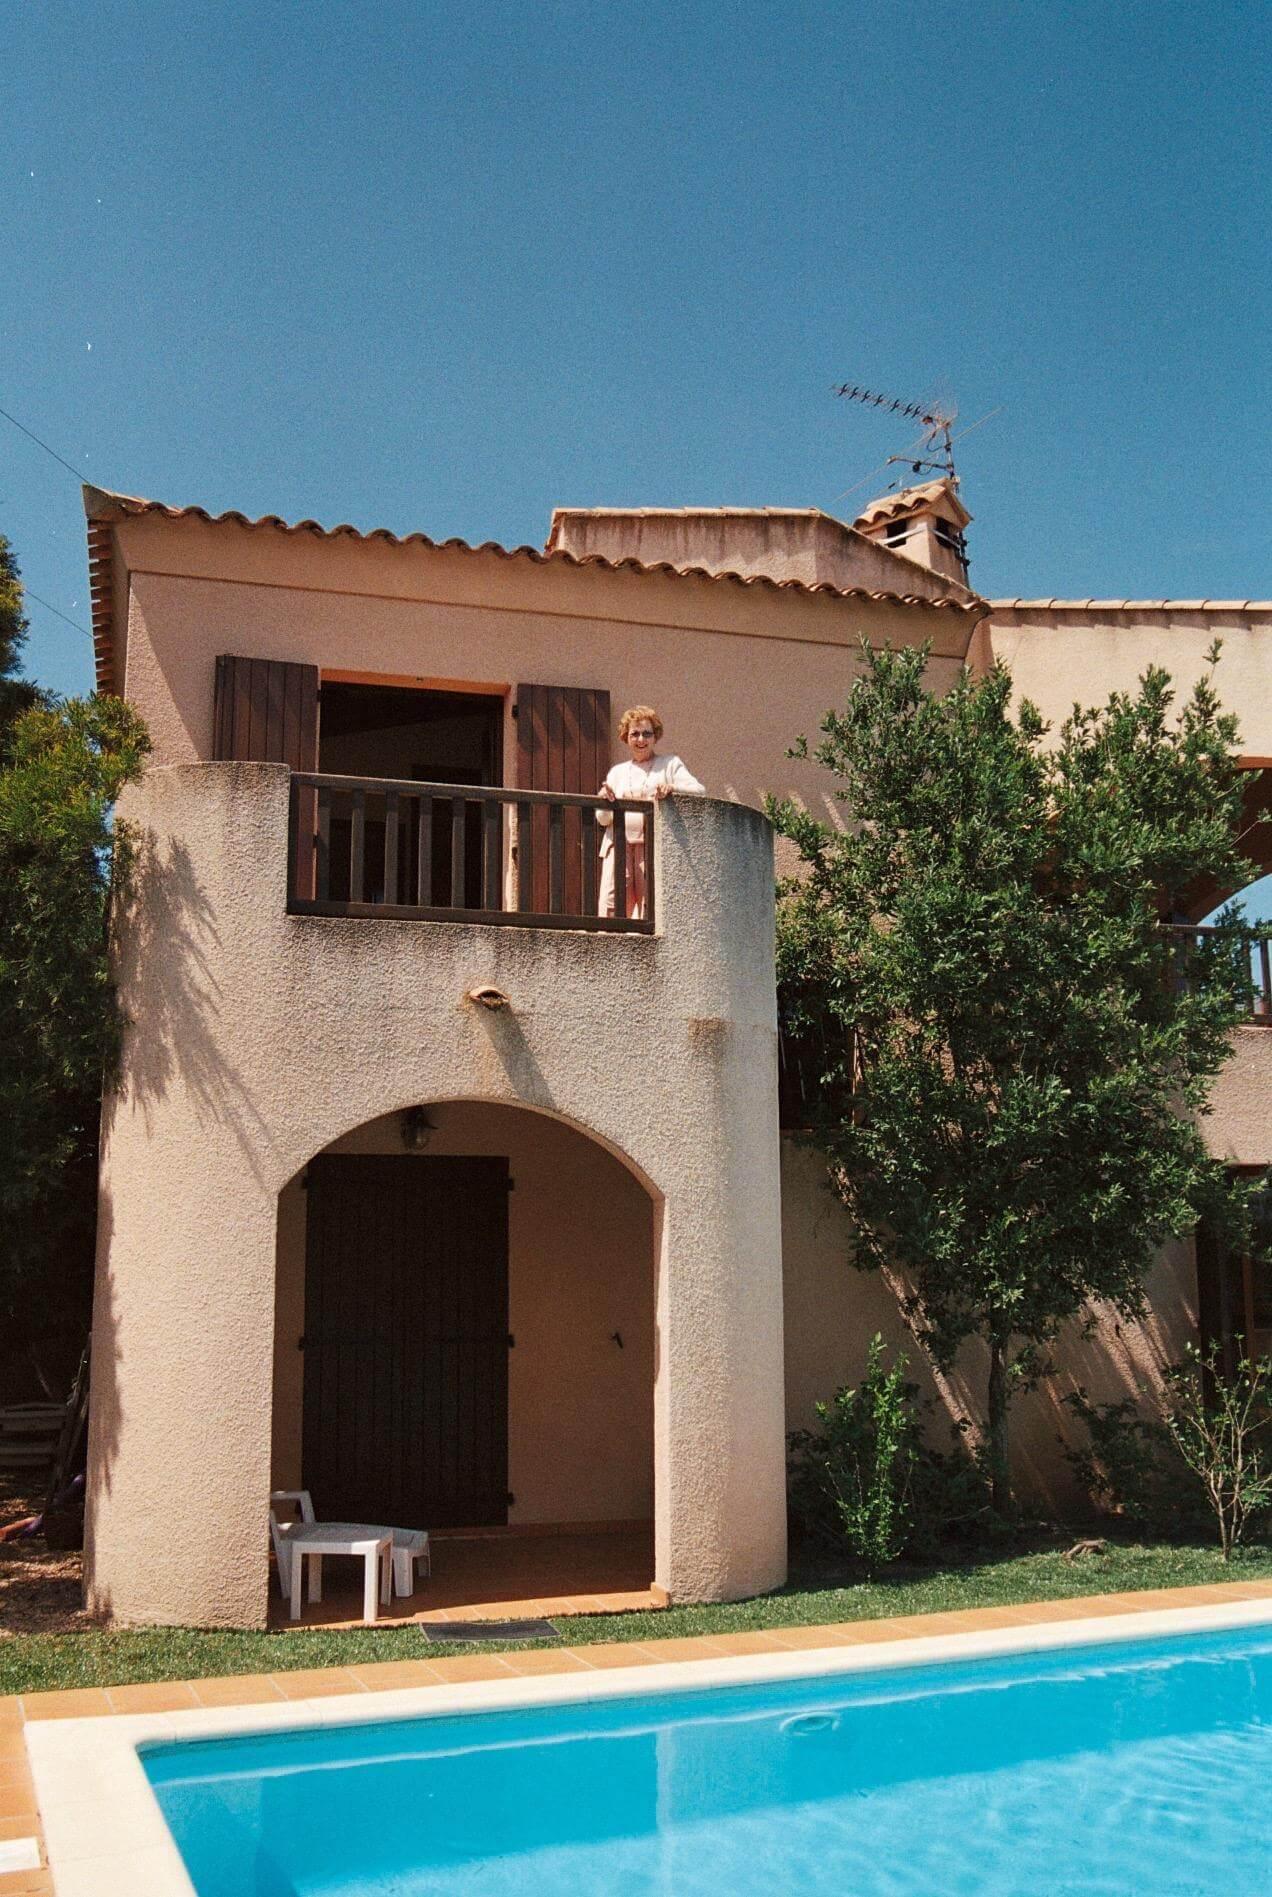 U Castellu Corsica